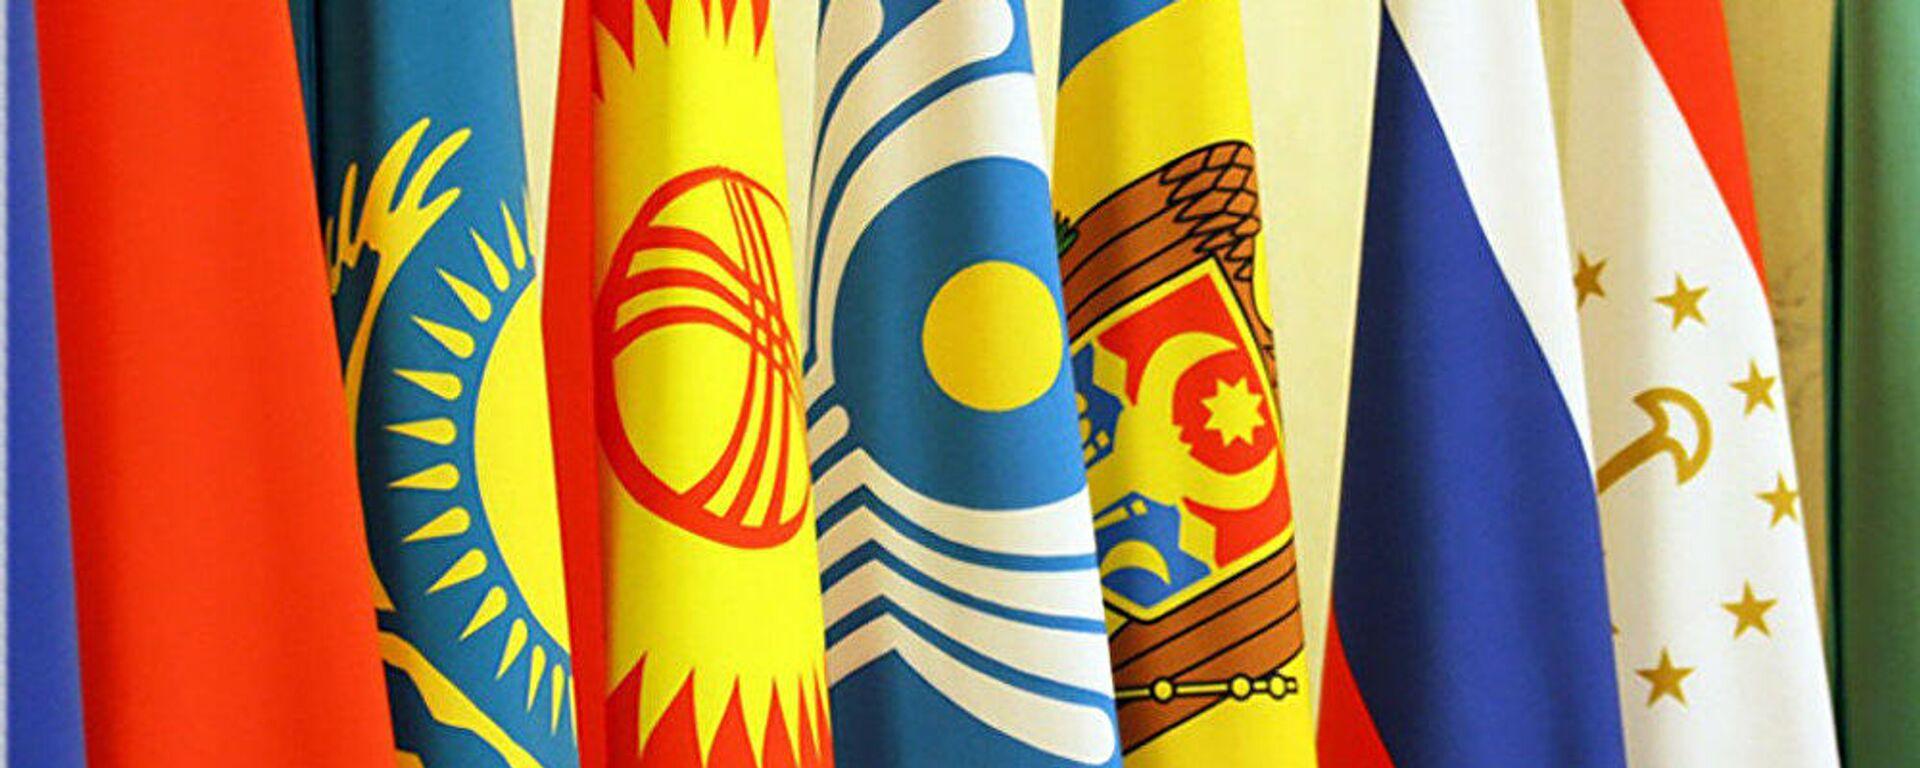 Флаги стран СНГ - Sputnik Узбекистан, 1920, 08.06.2021